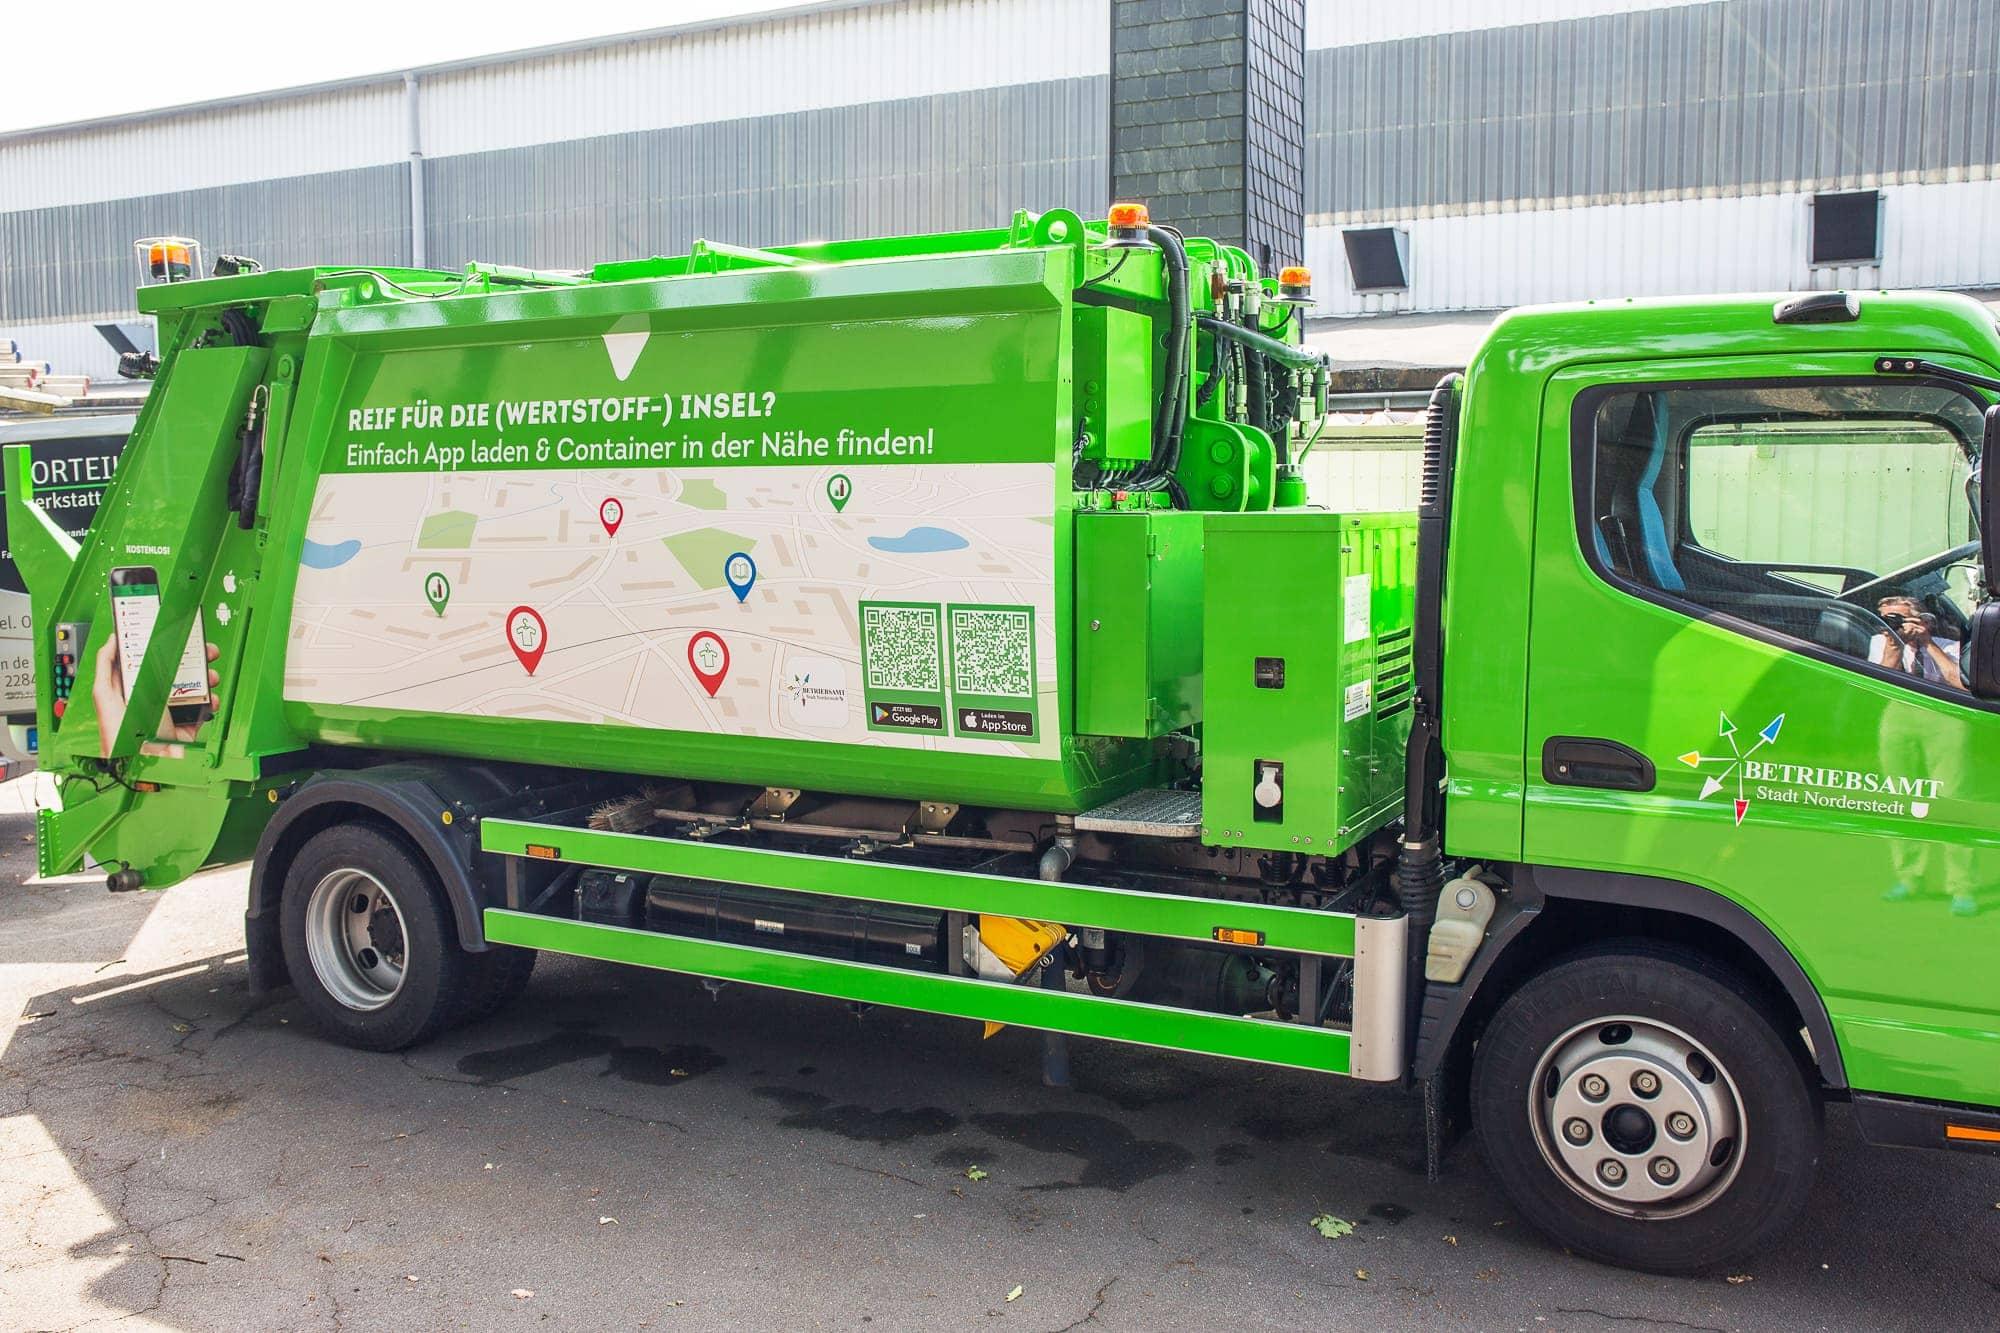 Foto von einem Müllfahrzeug mit Folienbeschirftung und Digitaldrucken